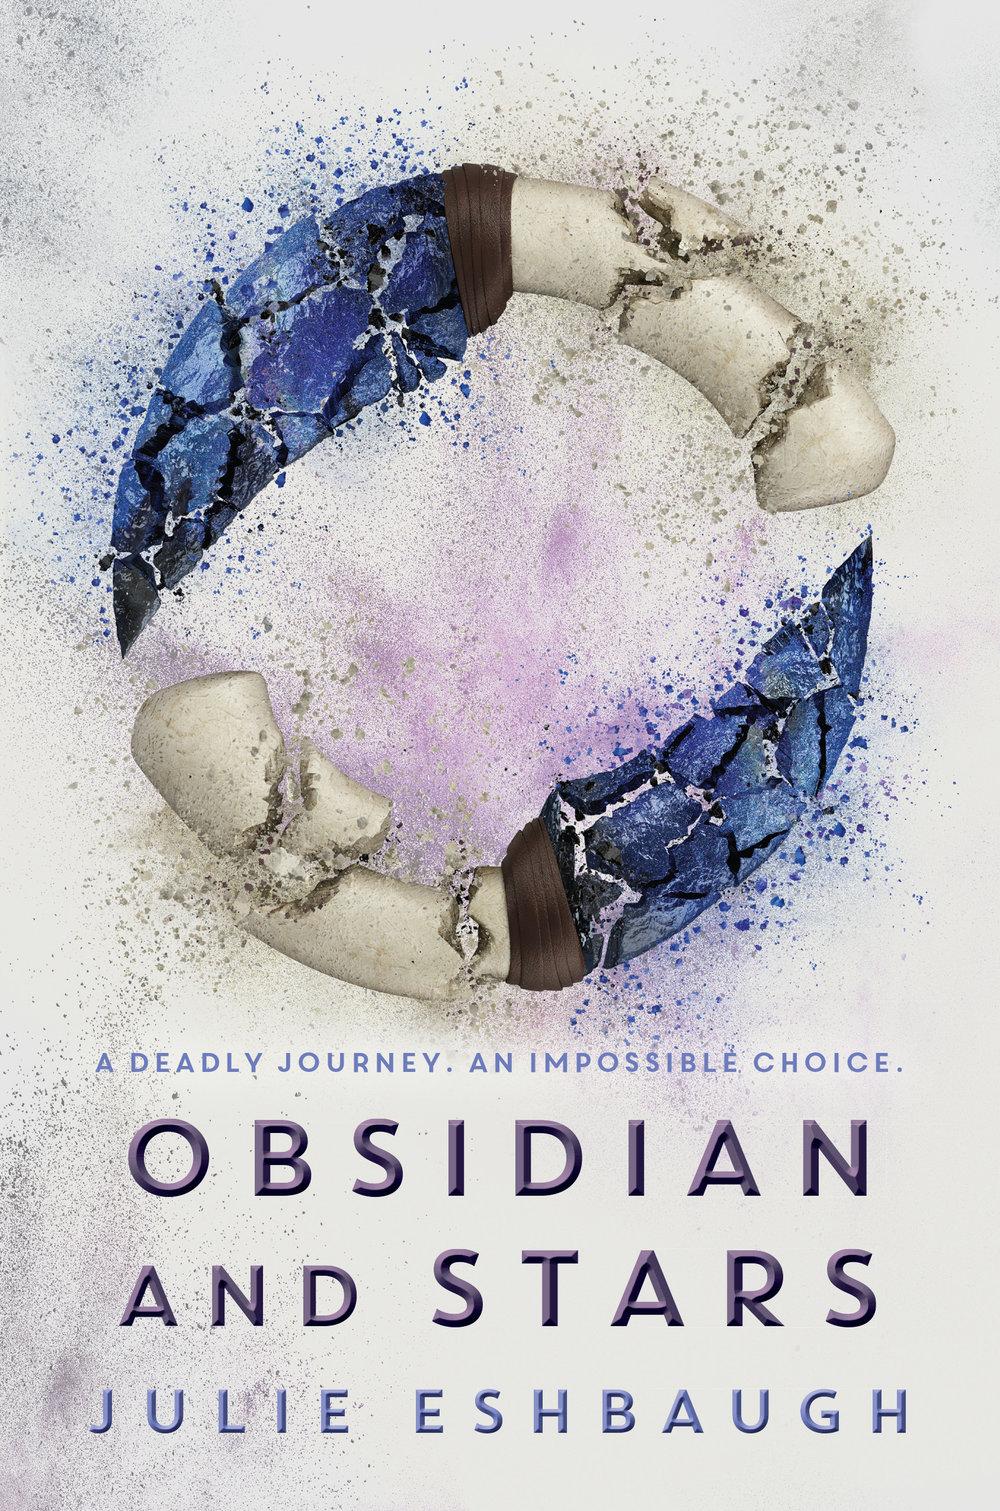 ObsidianStars hc c.jpg